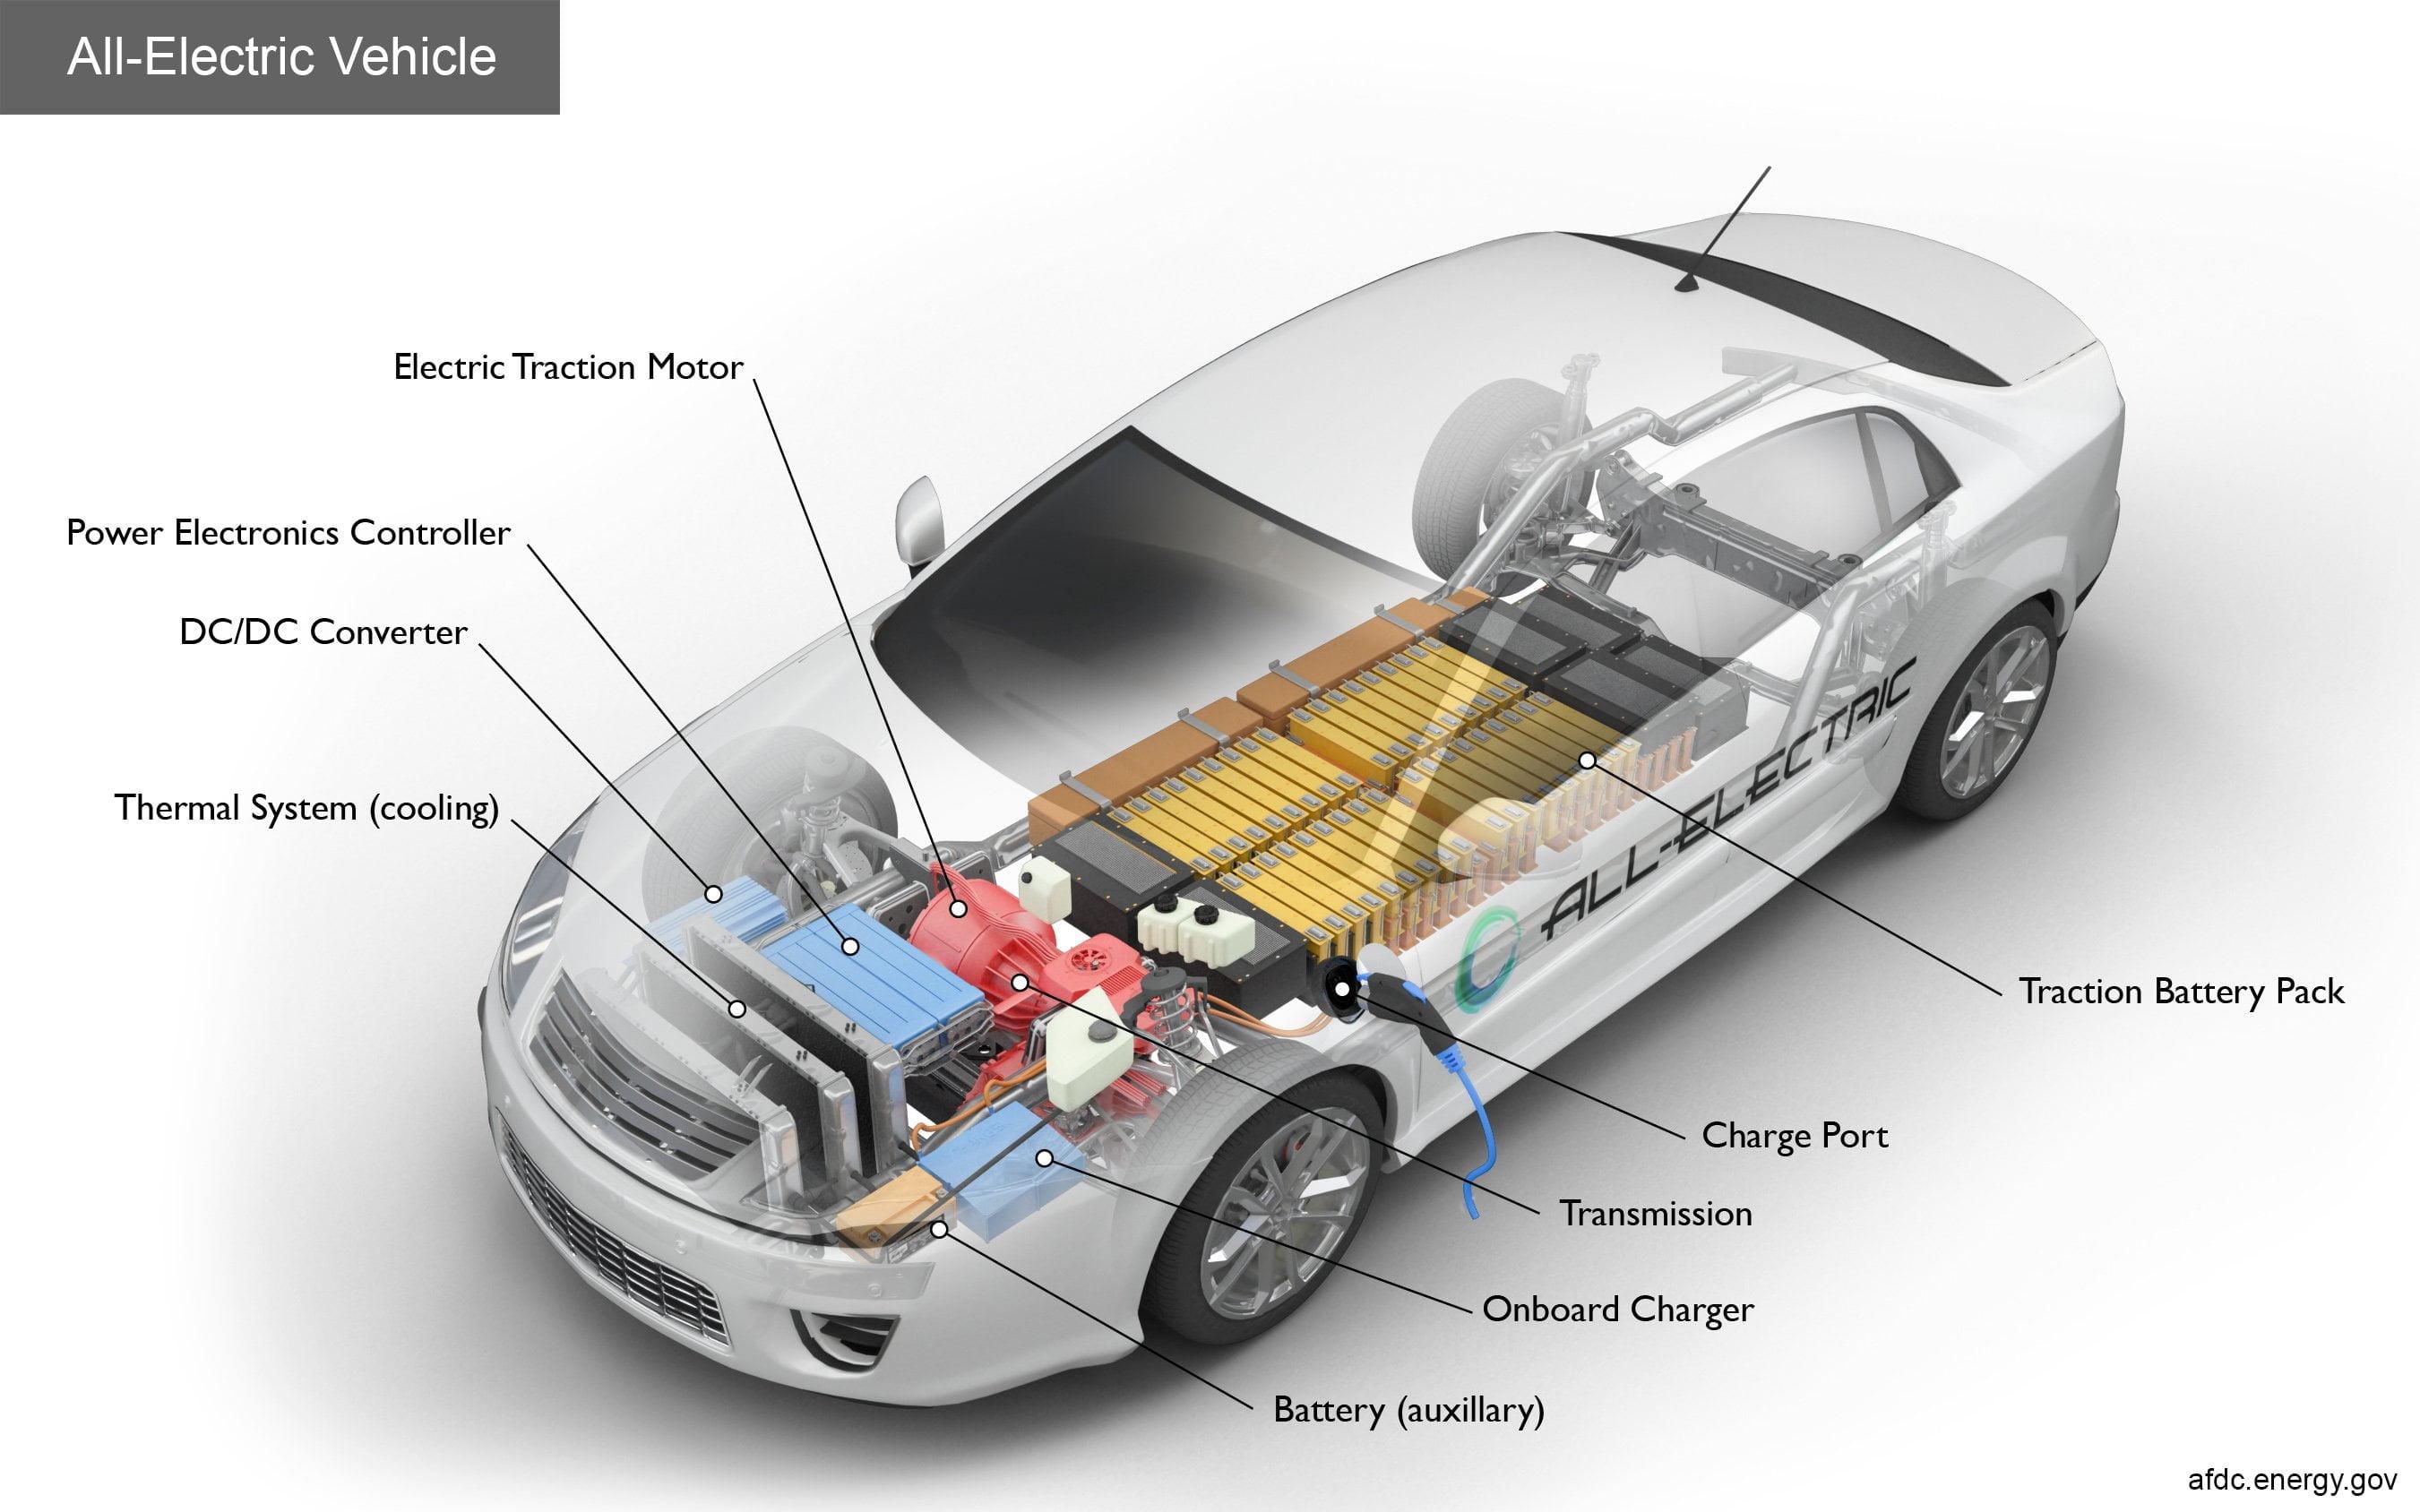 elektrikli otomobil iç yapısı https://huglero.com